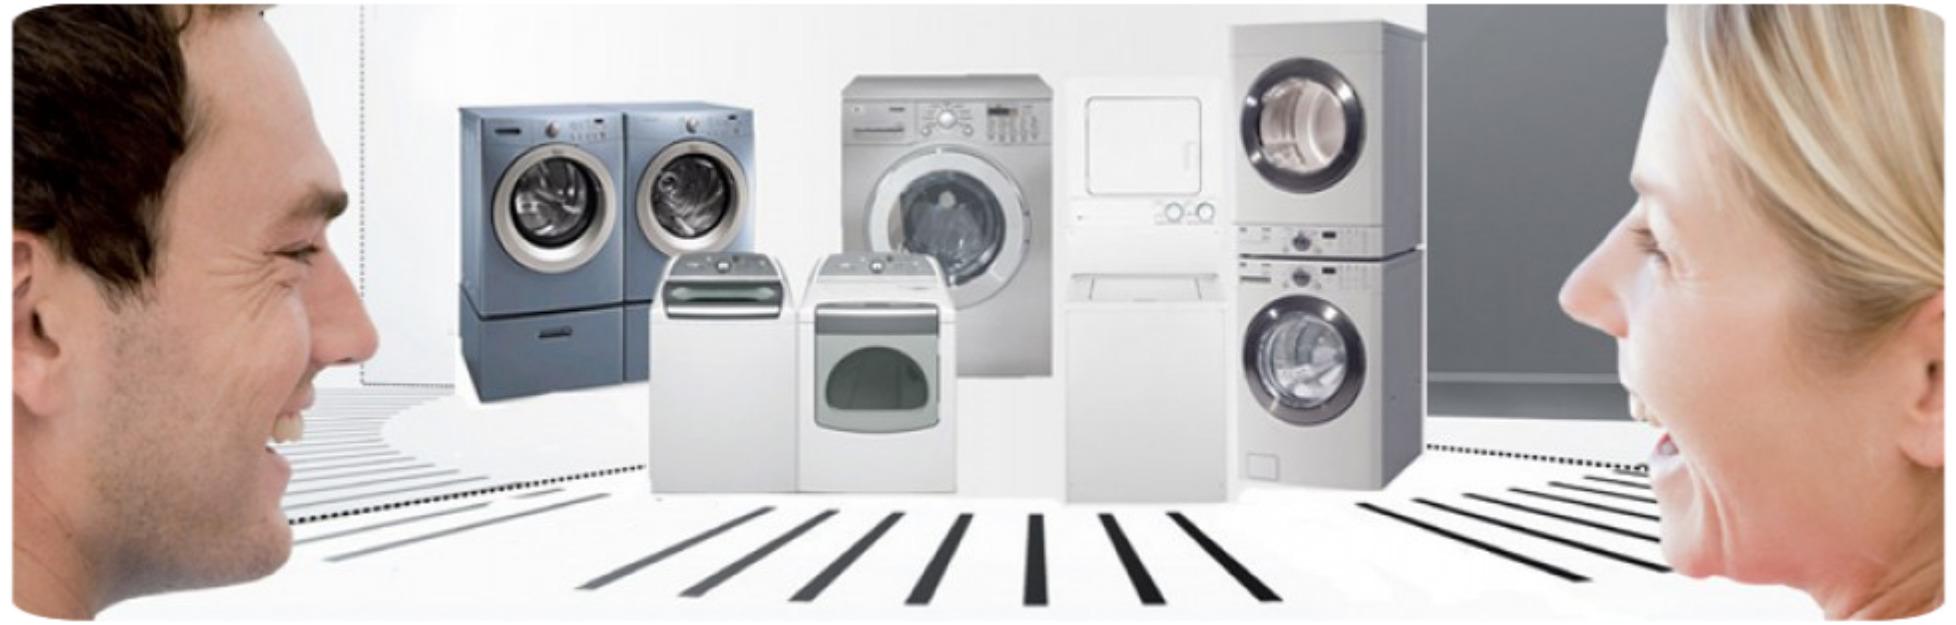 familie cu mașină de spălat automată